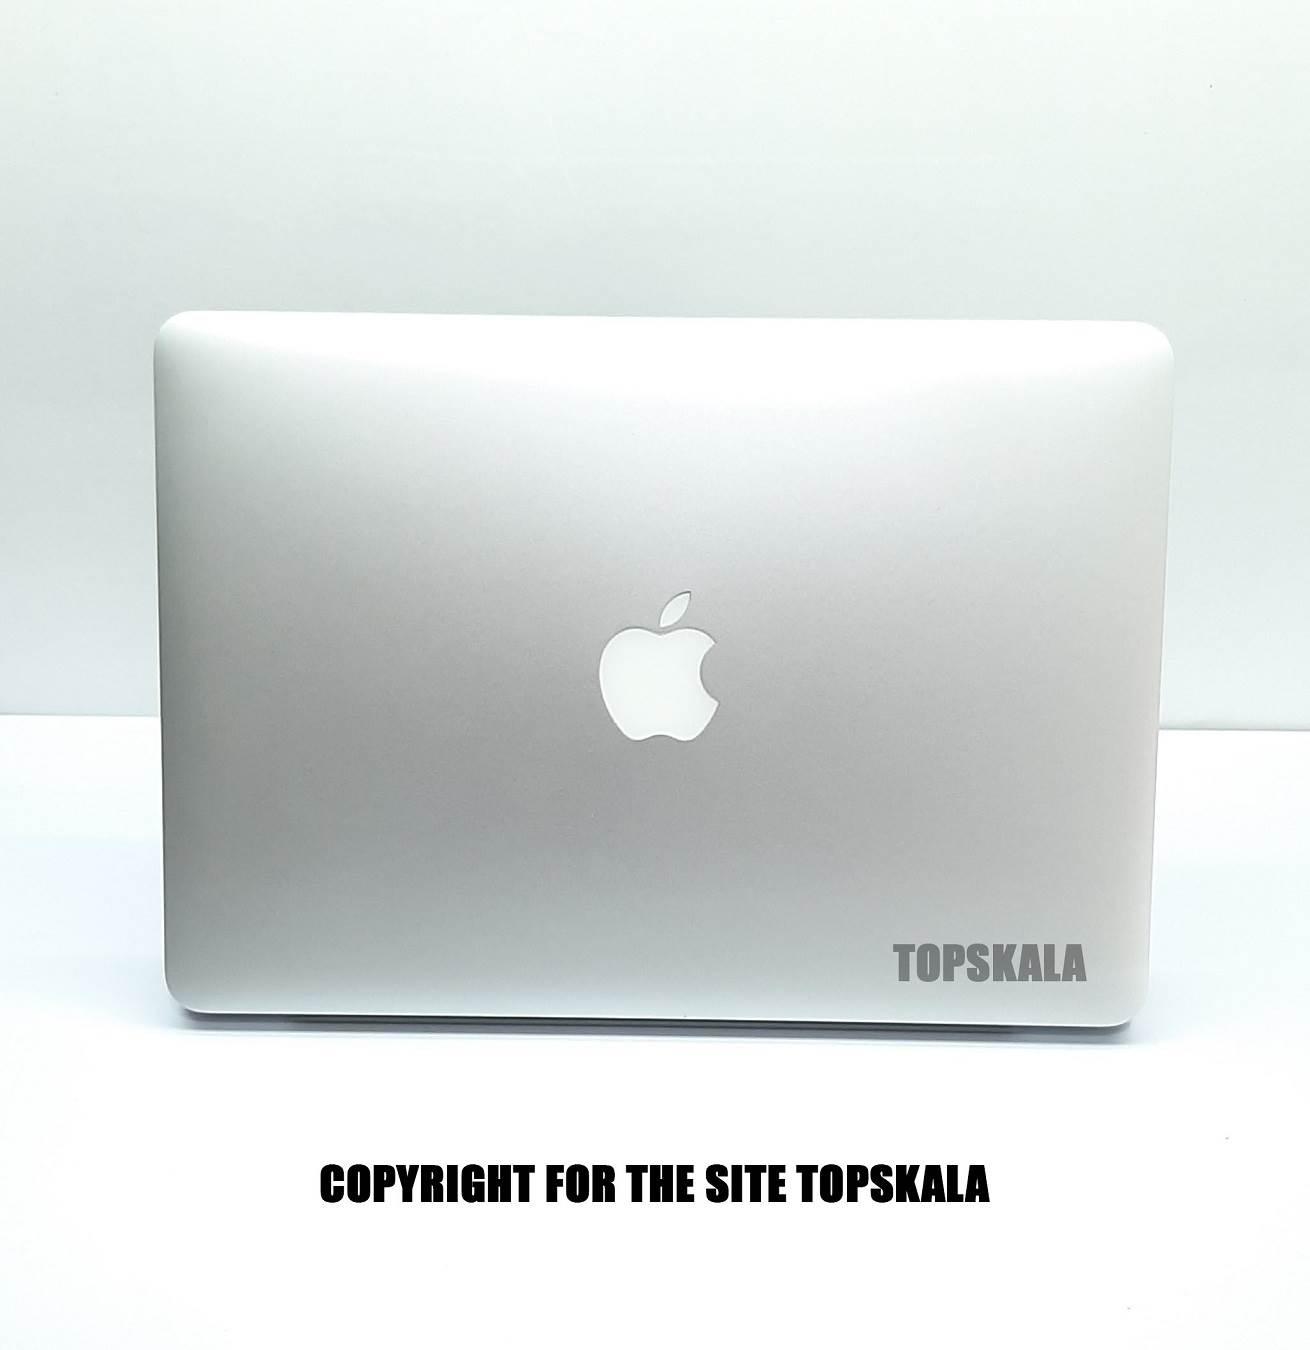 لپ تاپ استوک اپل مدل MacBook Pro Late 2015 - 13 inch با مشخصات i5-2.7GHz-8GB-256GB-SSD-2GB-intel-iris-6100